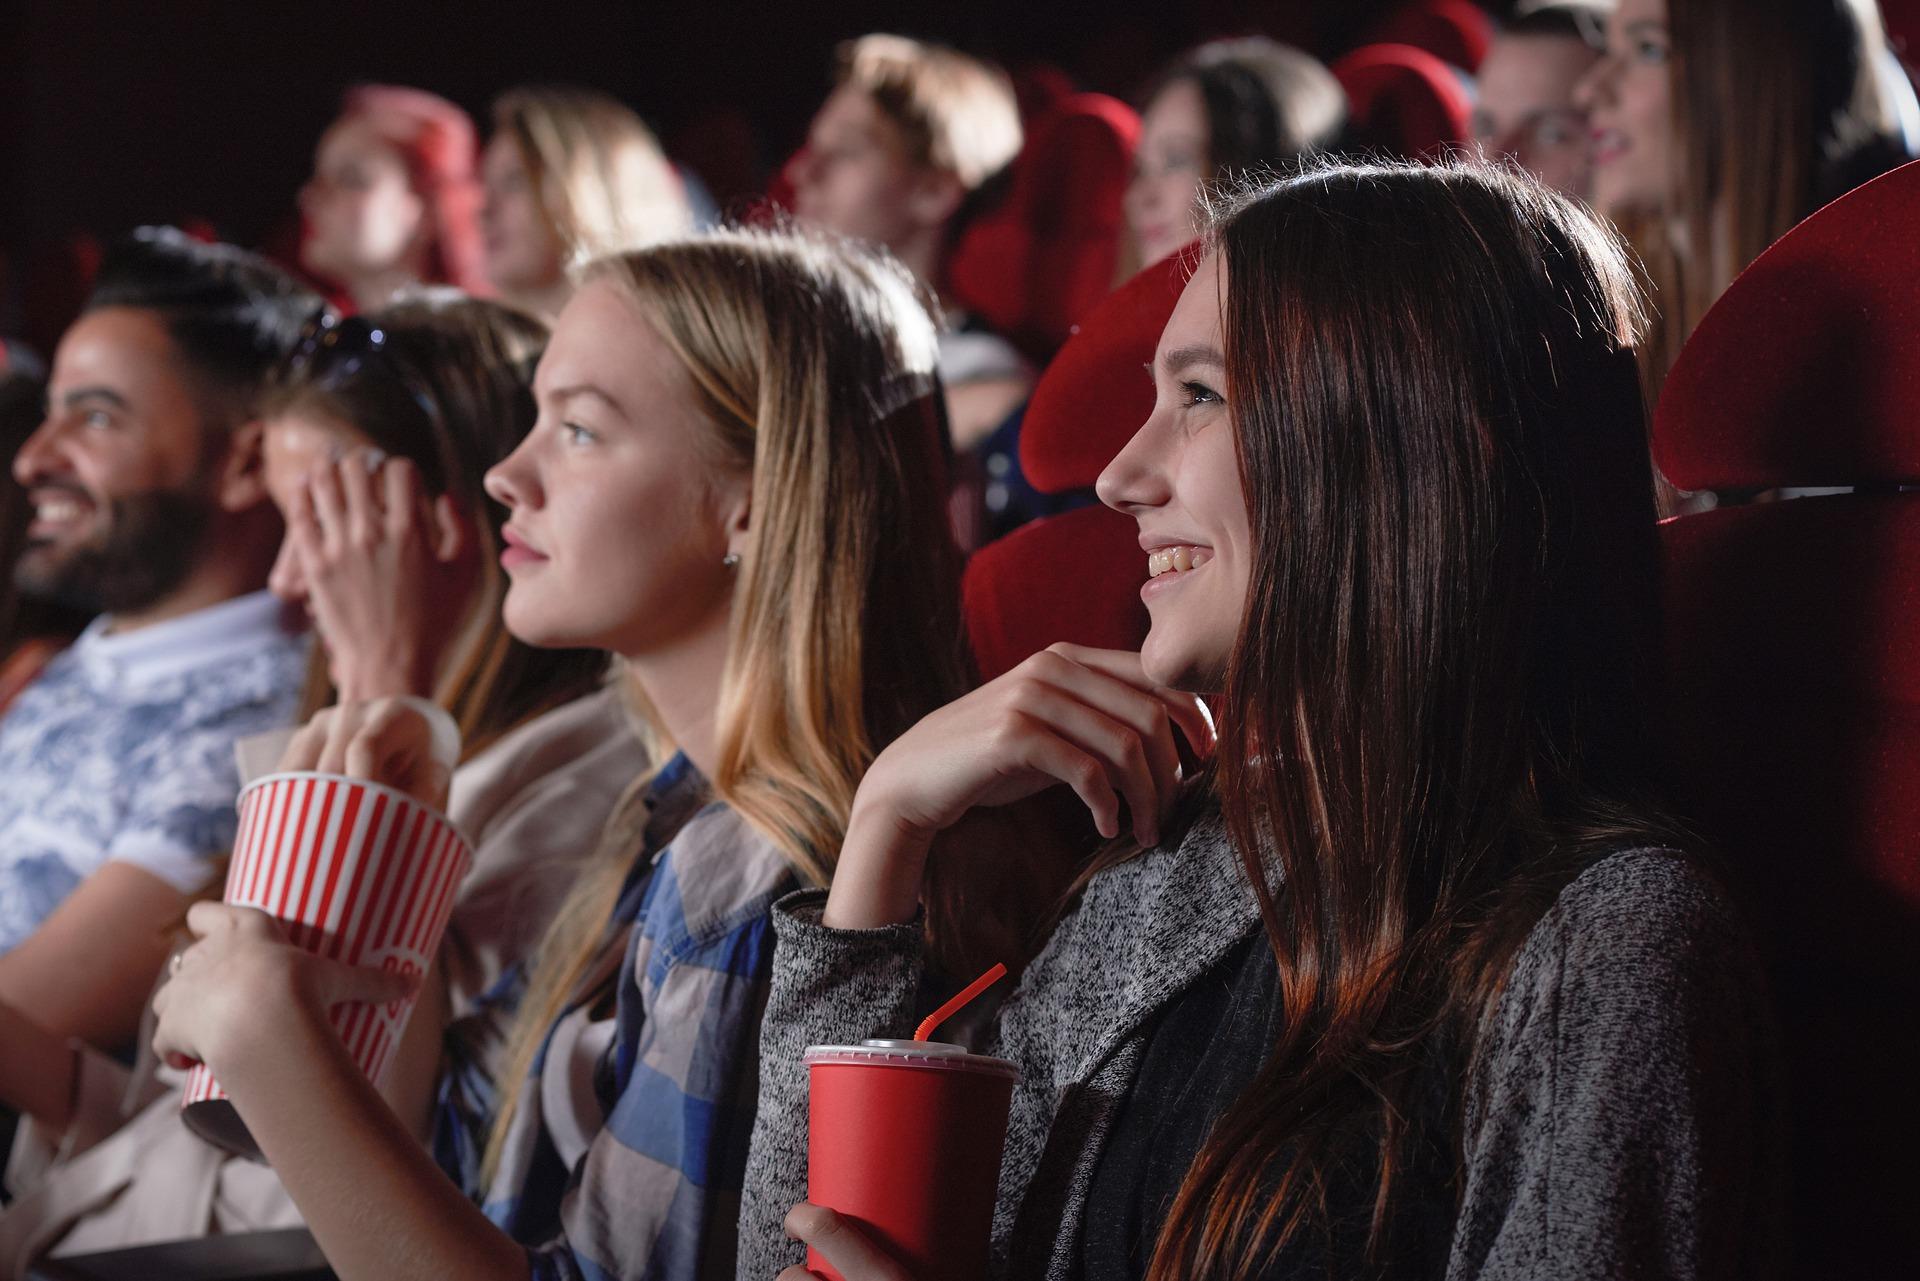 【映画鑑賞好きの学生必見!?】就活生が就活生が見るべき映画5選